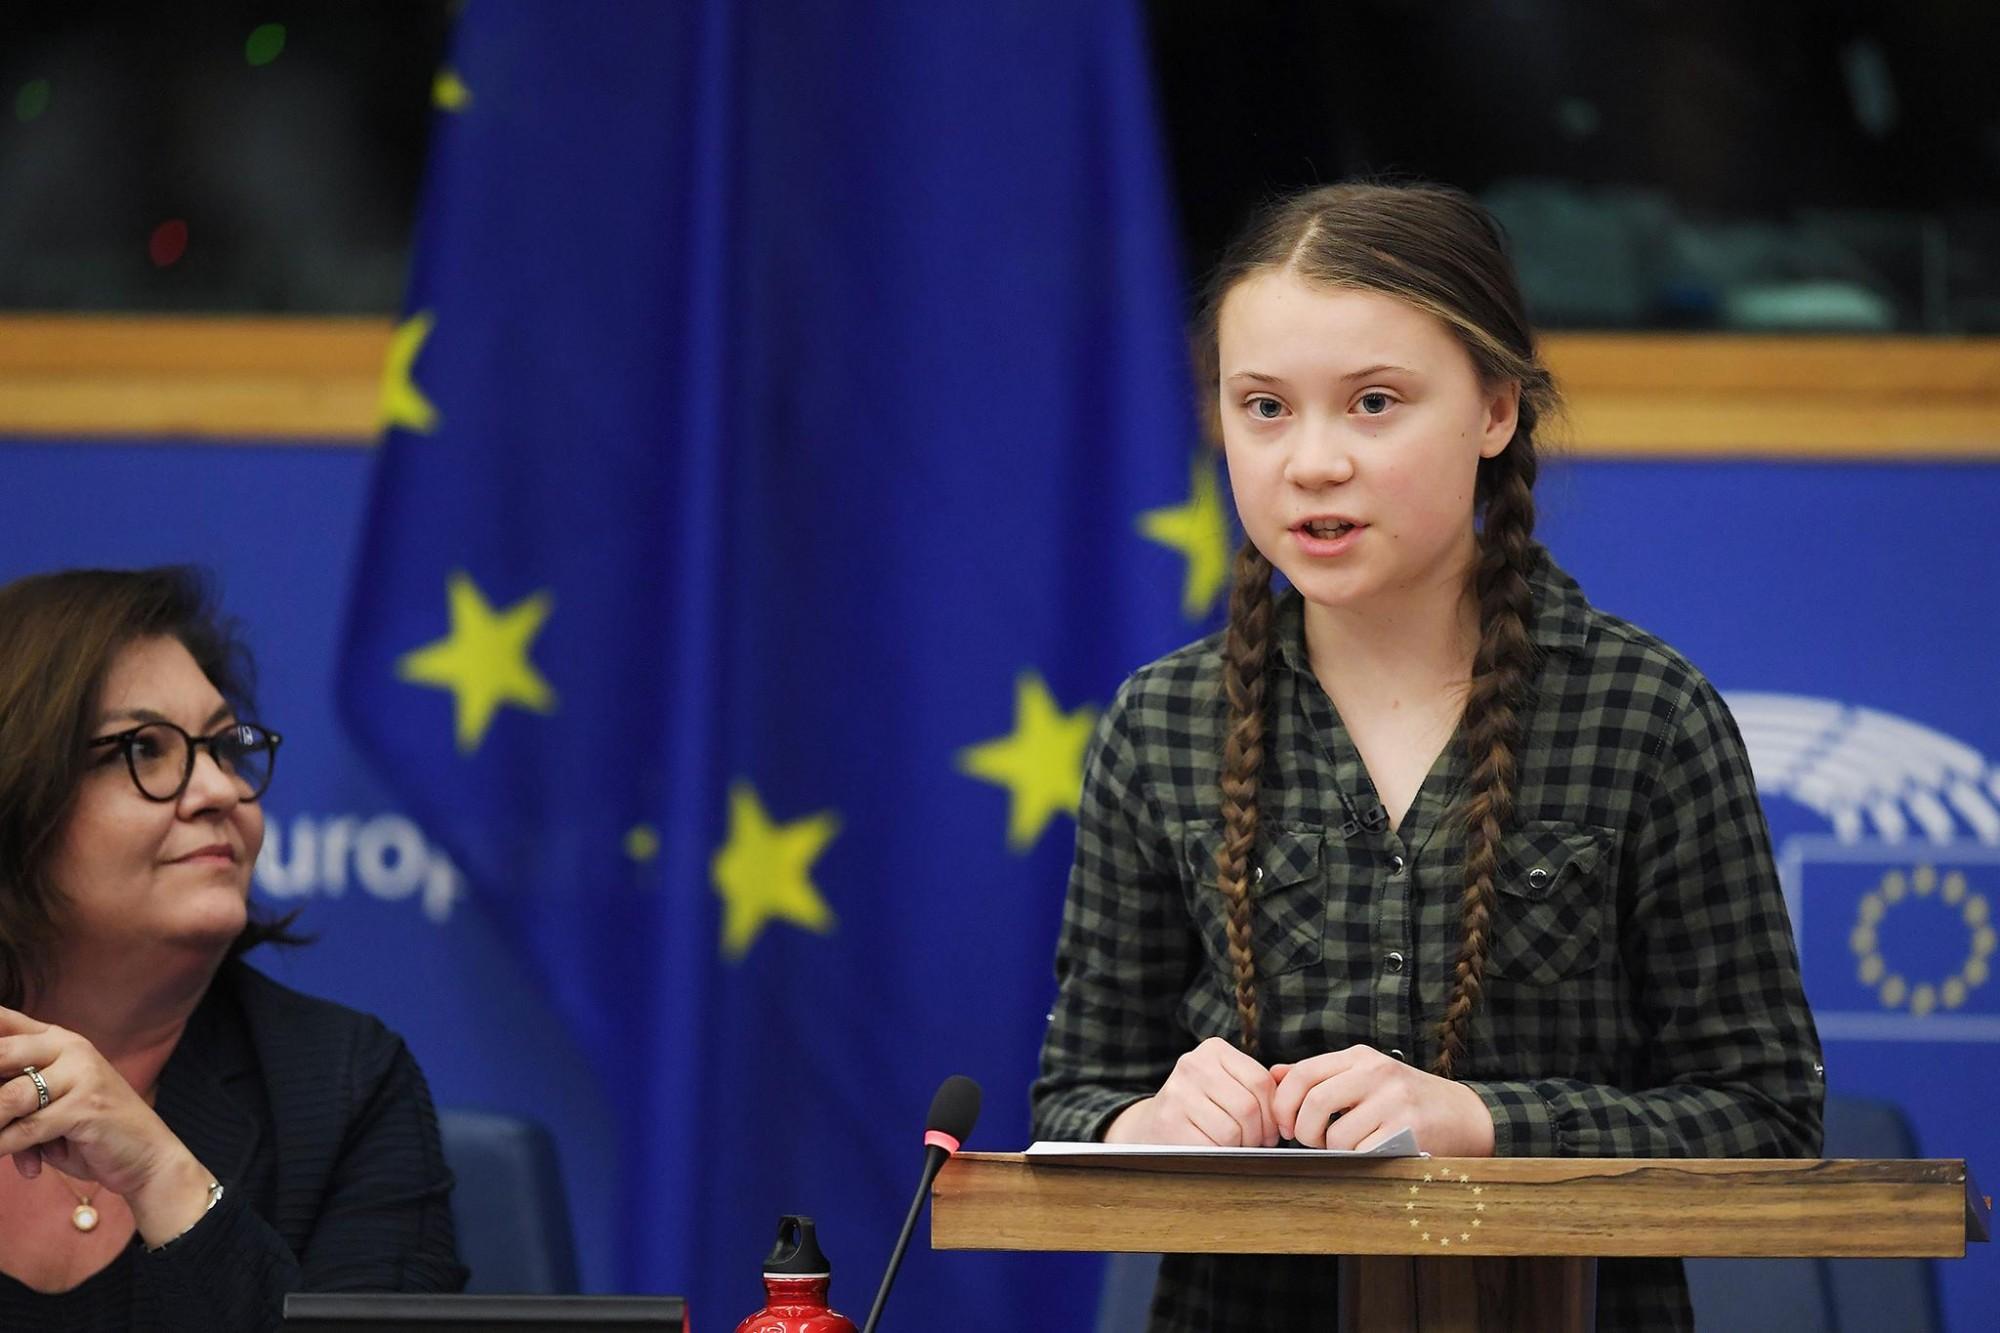 Грета тунберг: как школьница разнесла политиков в оон и что ответил